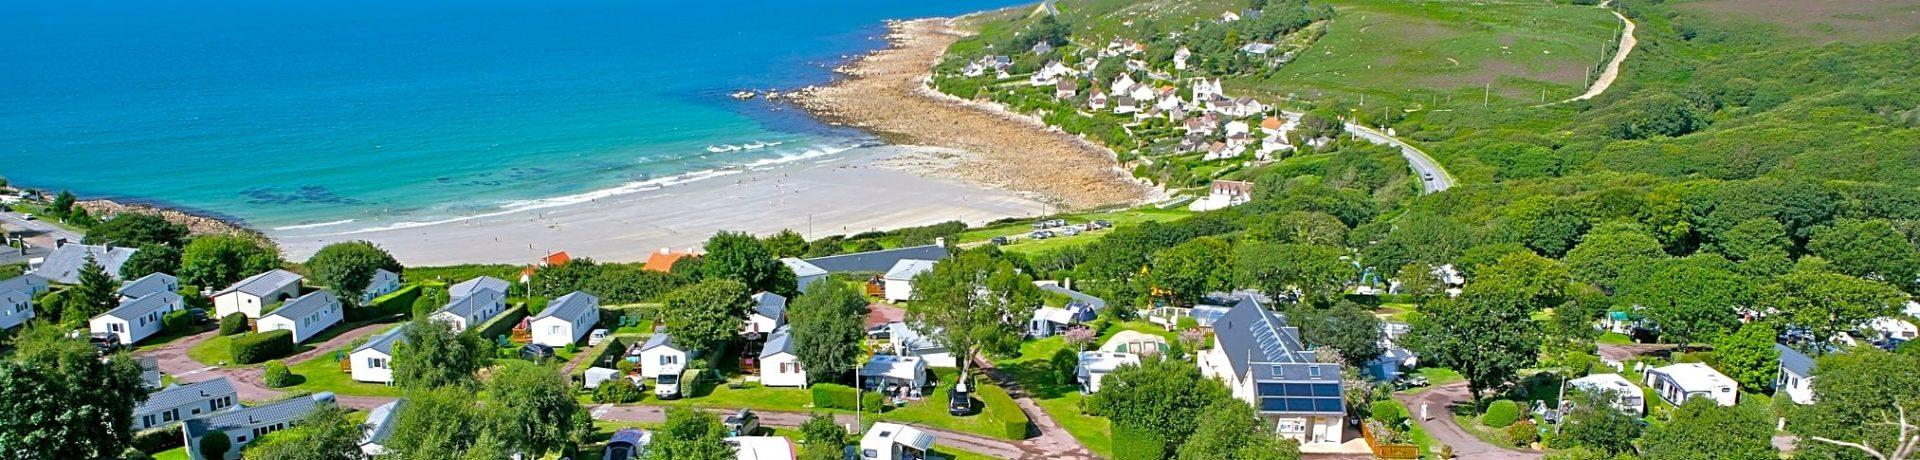 De 5-sterrencamping L'Anse du Brick in Maupertus-sur-Mer is gelegen aan zee in een bebost park in het departement Manche in Normandië.